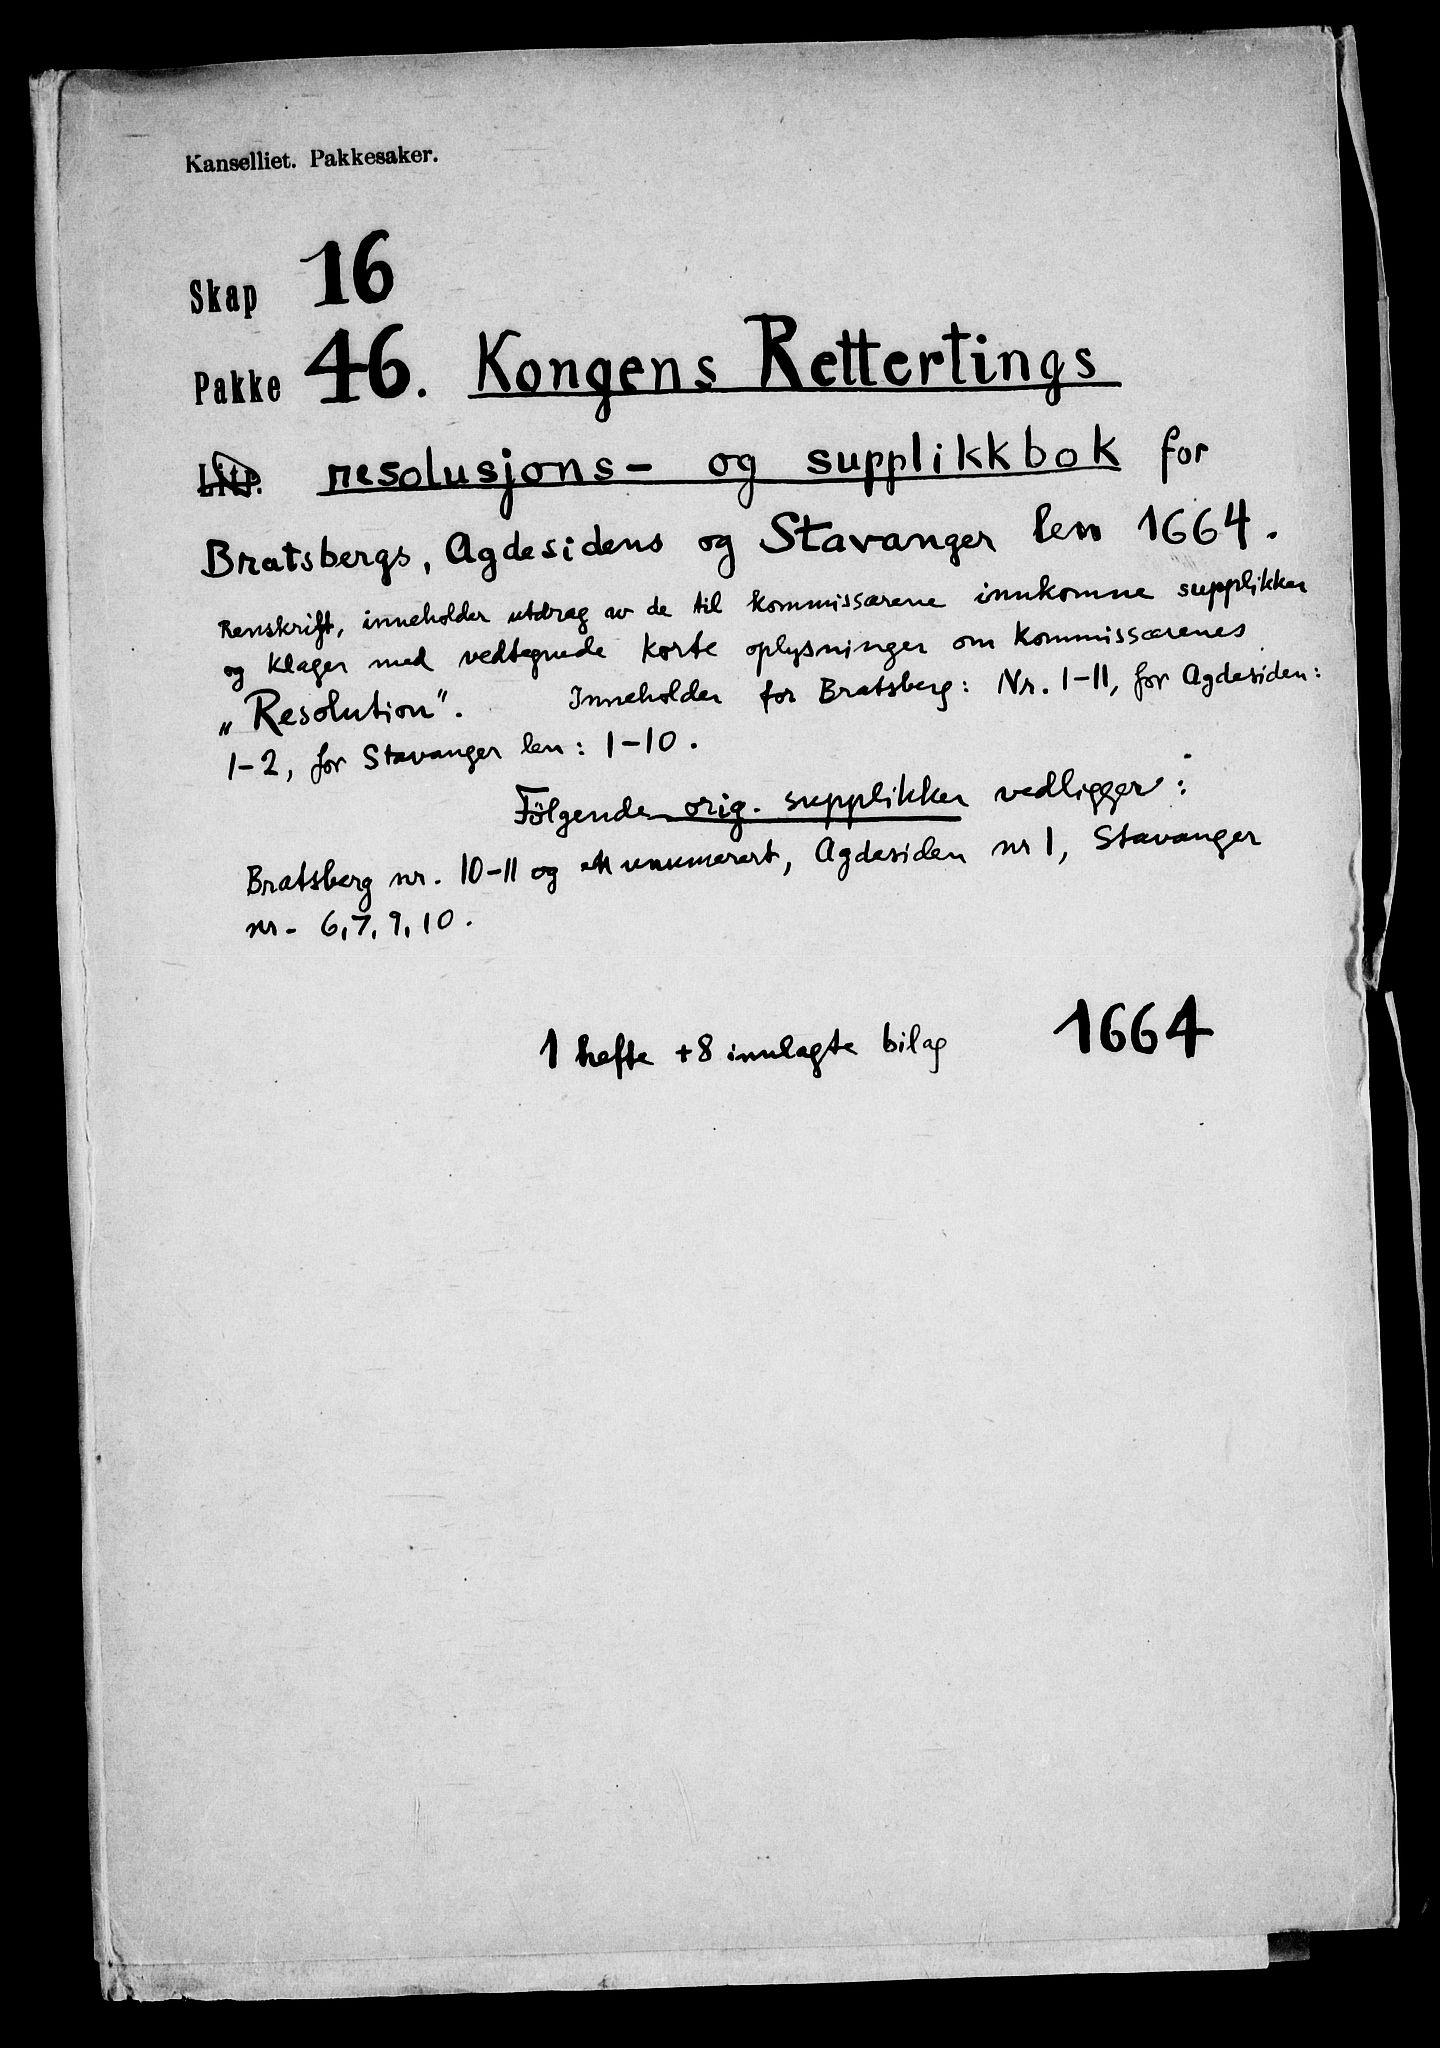 RA, Danske Kanselli, Skapsaker, F/L0116: Skap 16, pakke 42-47, 1625-1717, s. 232